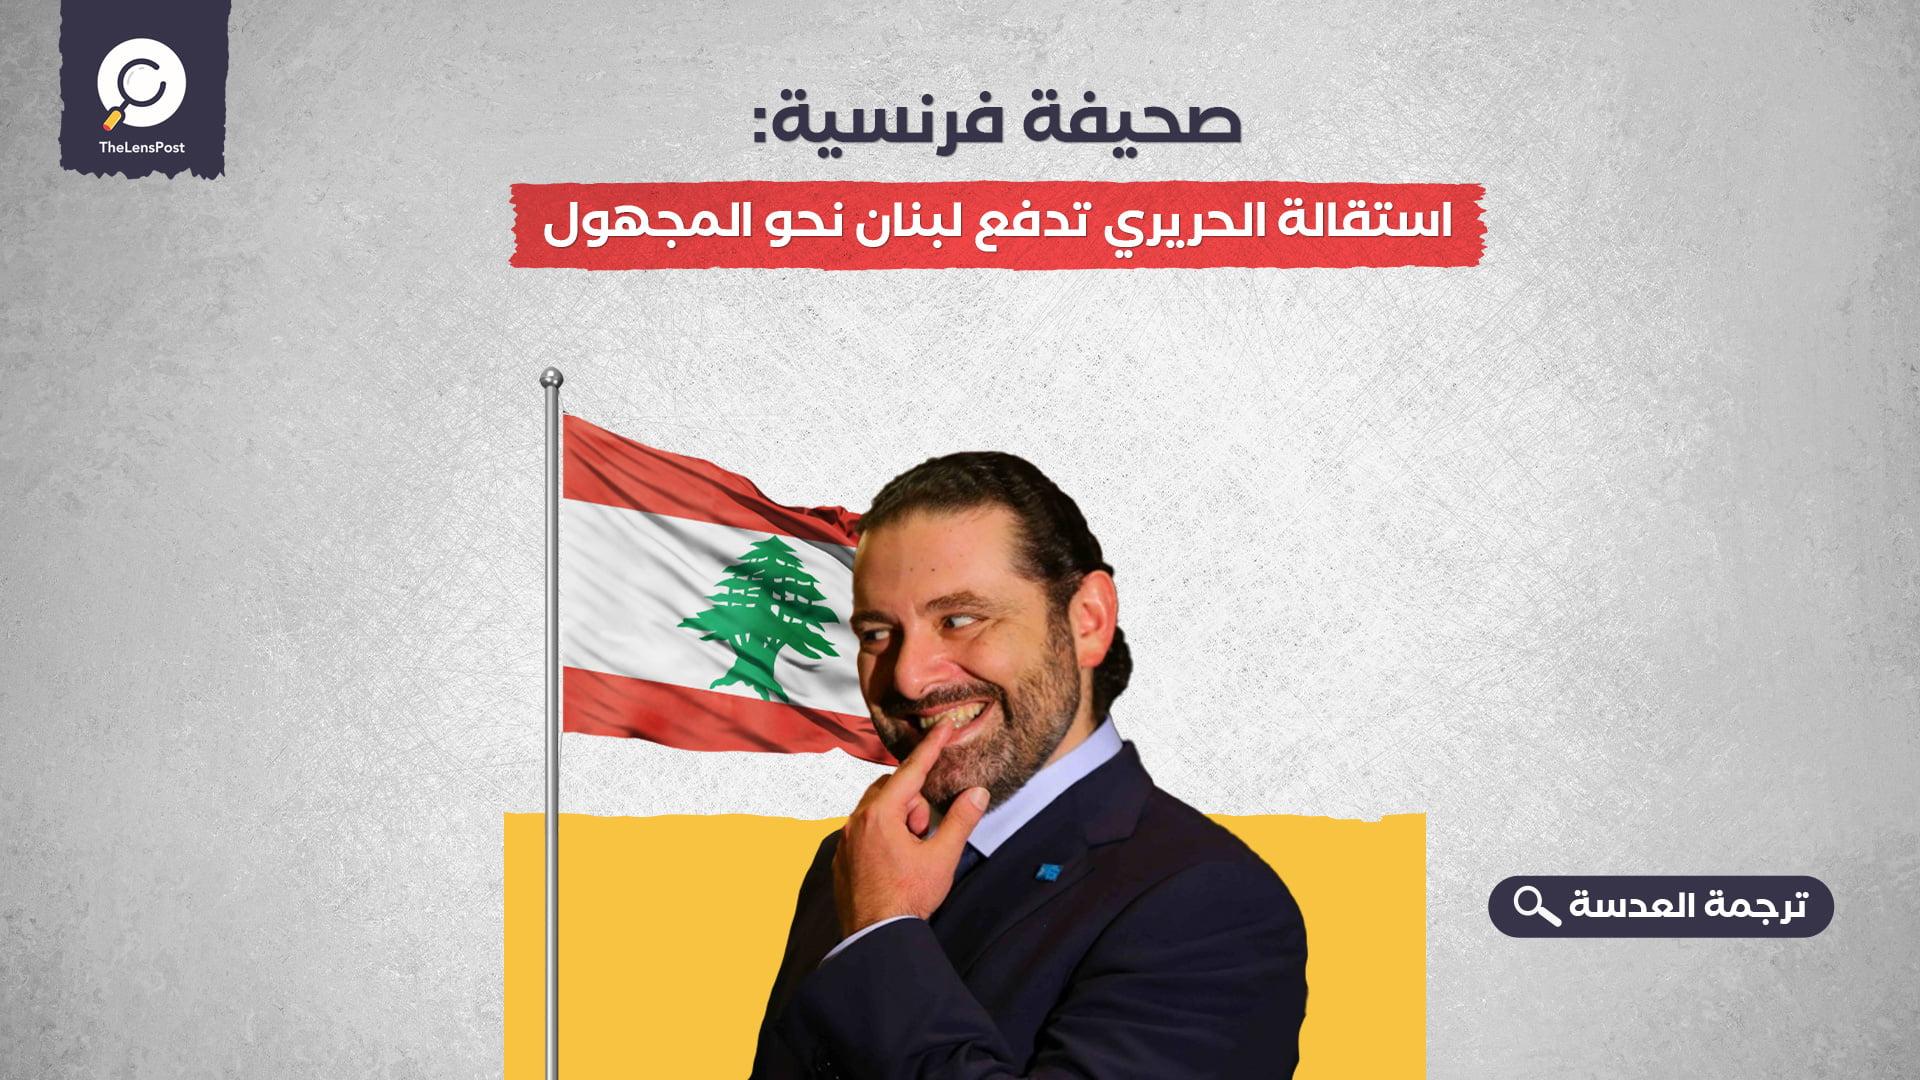 صحيفة فرنسية: استقالة الحريري تدفع لبنان نحو المجهول